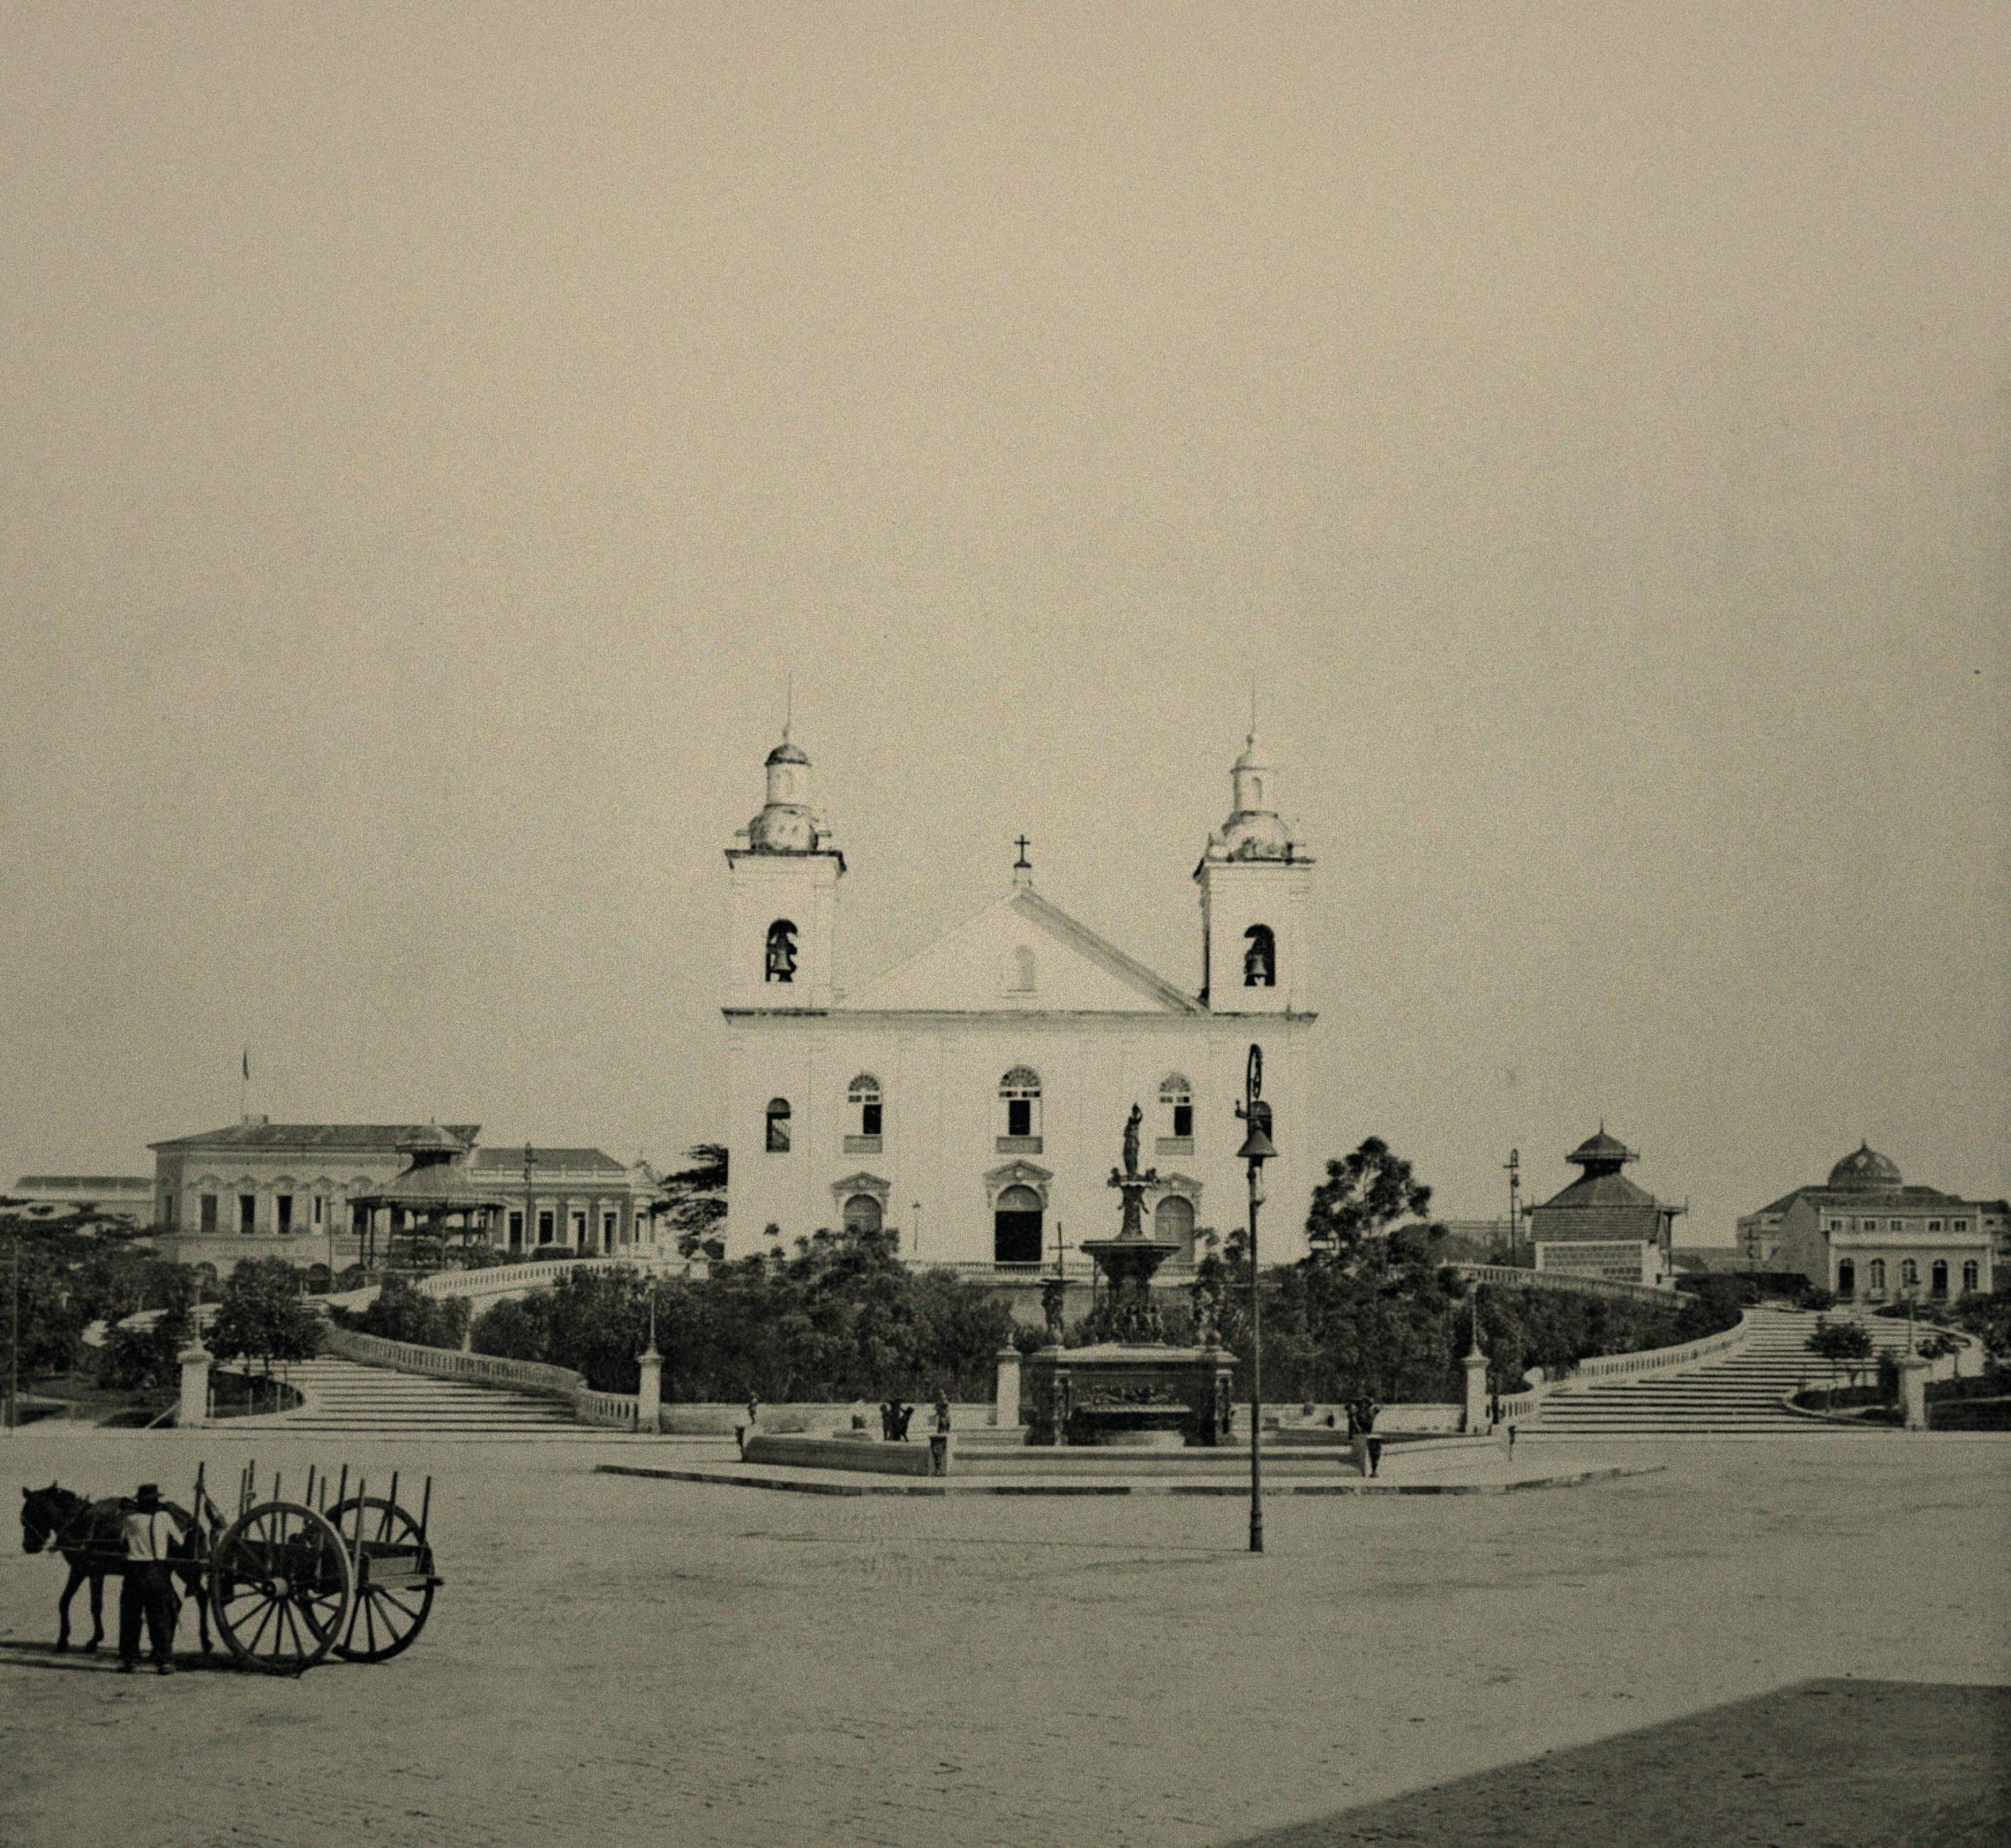 Vista frontal da Catedral de Nossa Senhora da Conceição